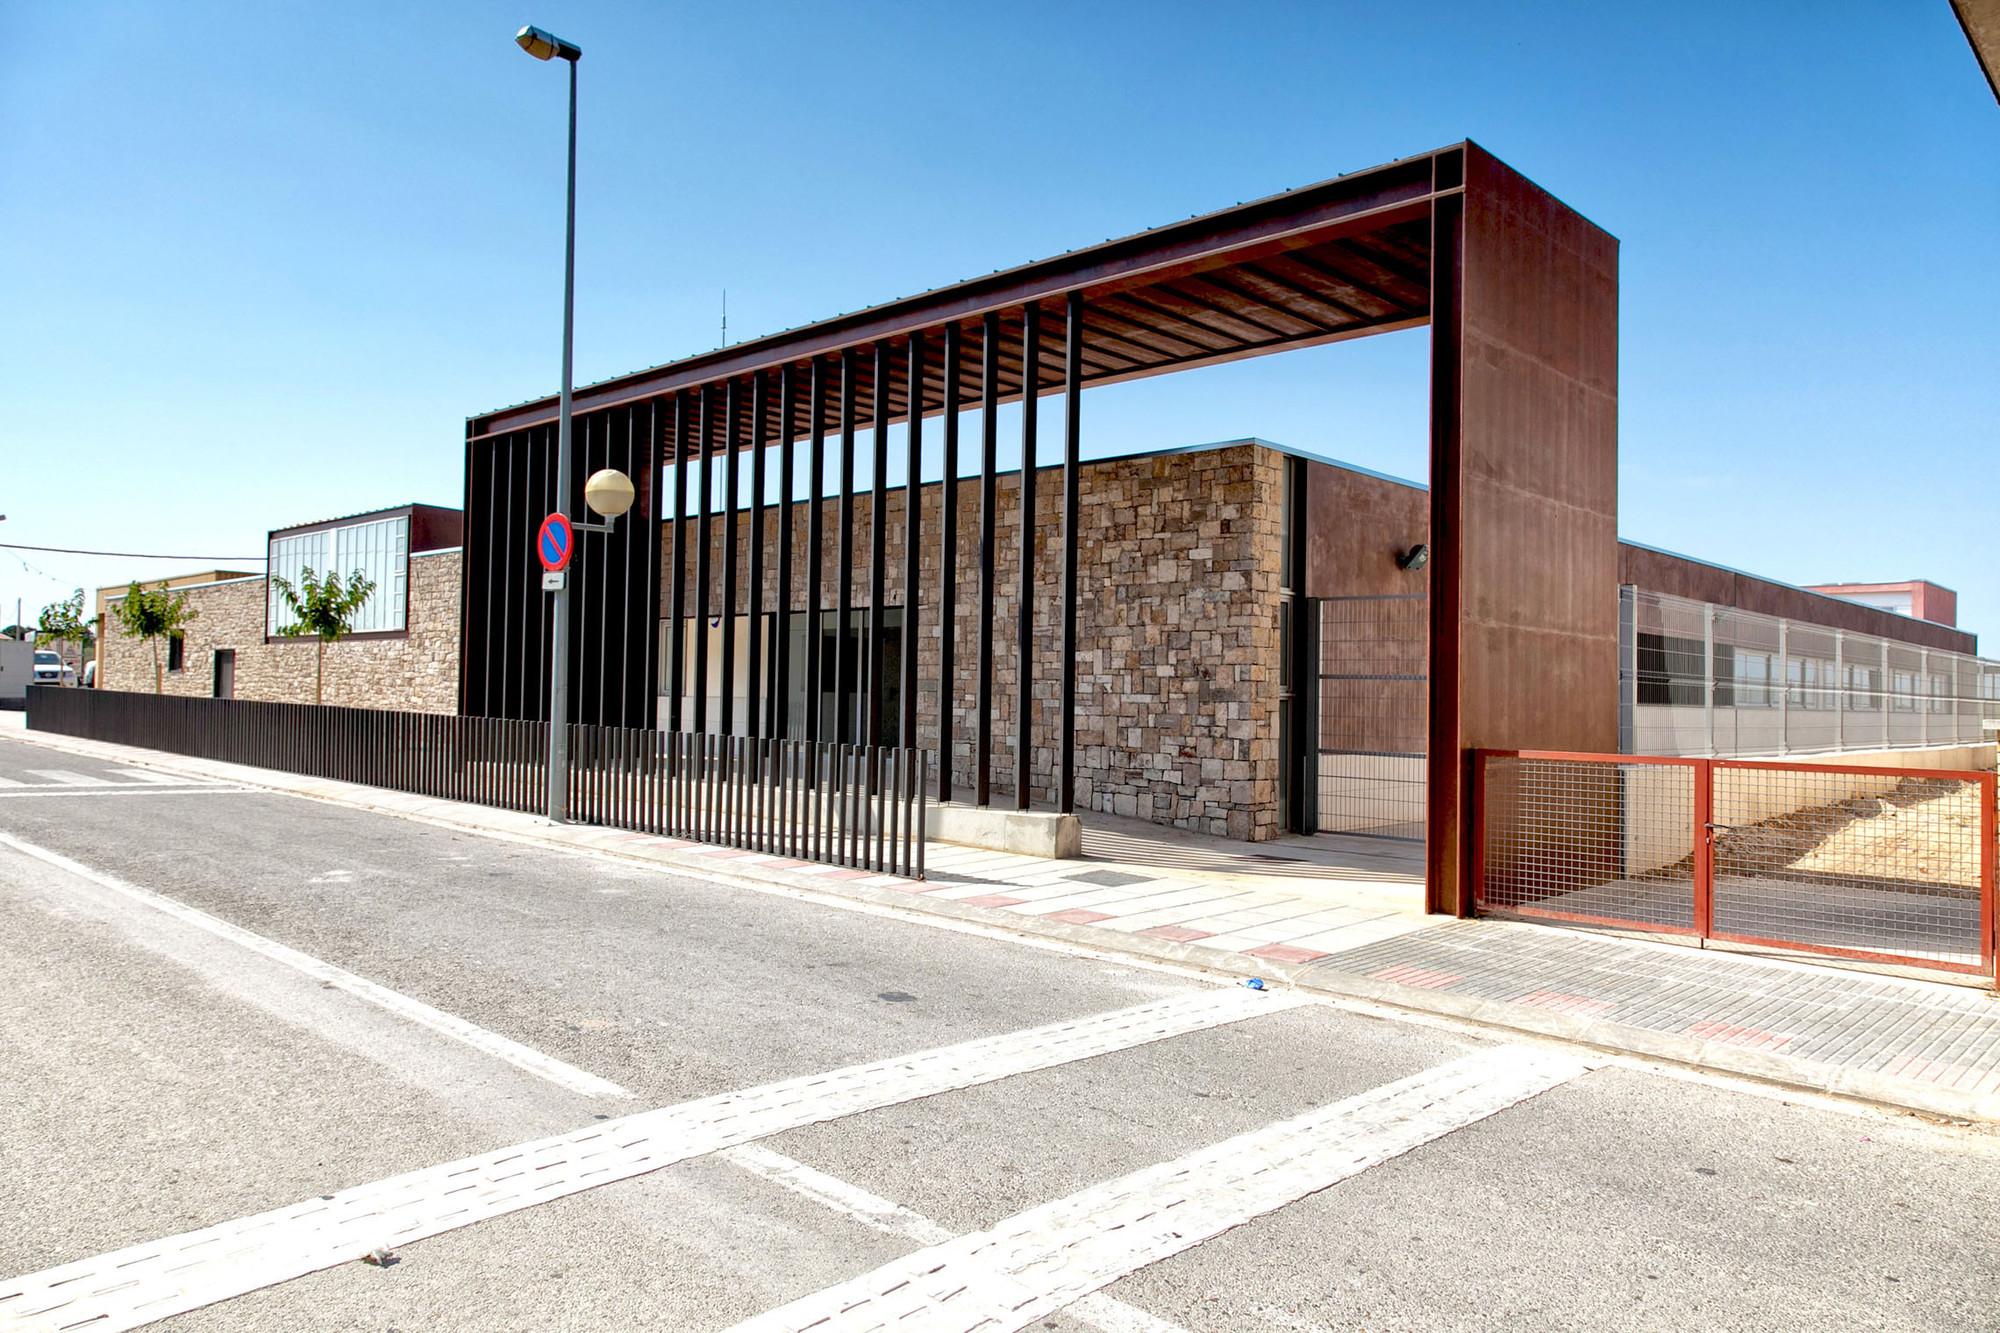 La Fatarella School / Héctor Jala & Mònica Moreno, © Marcus Heilemann